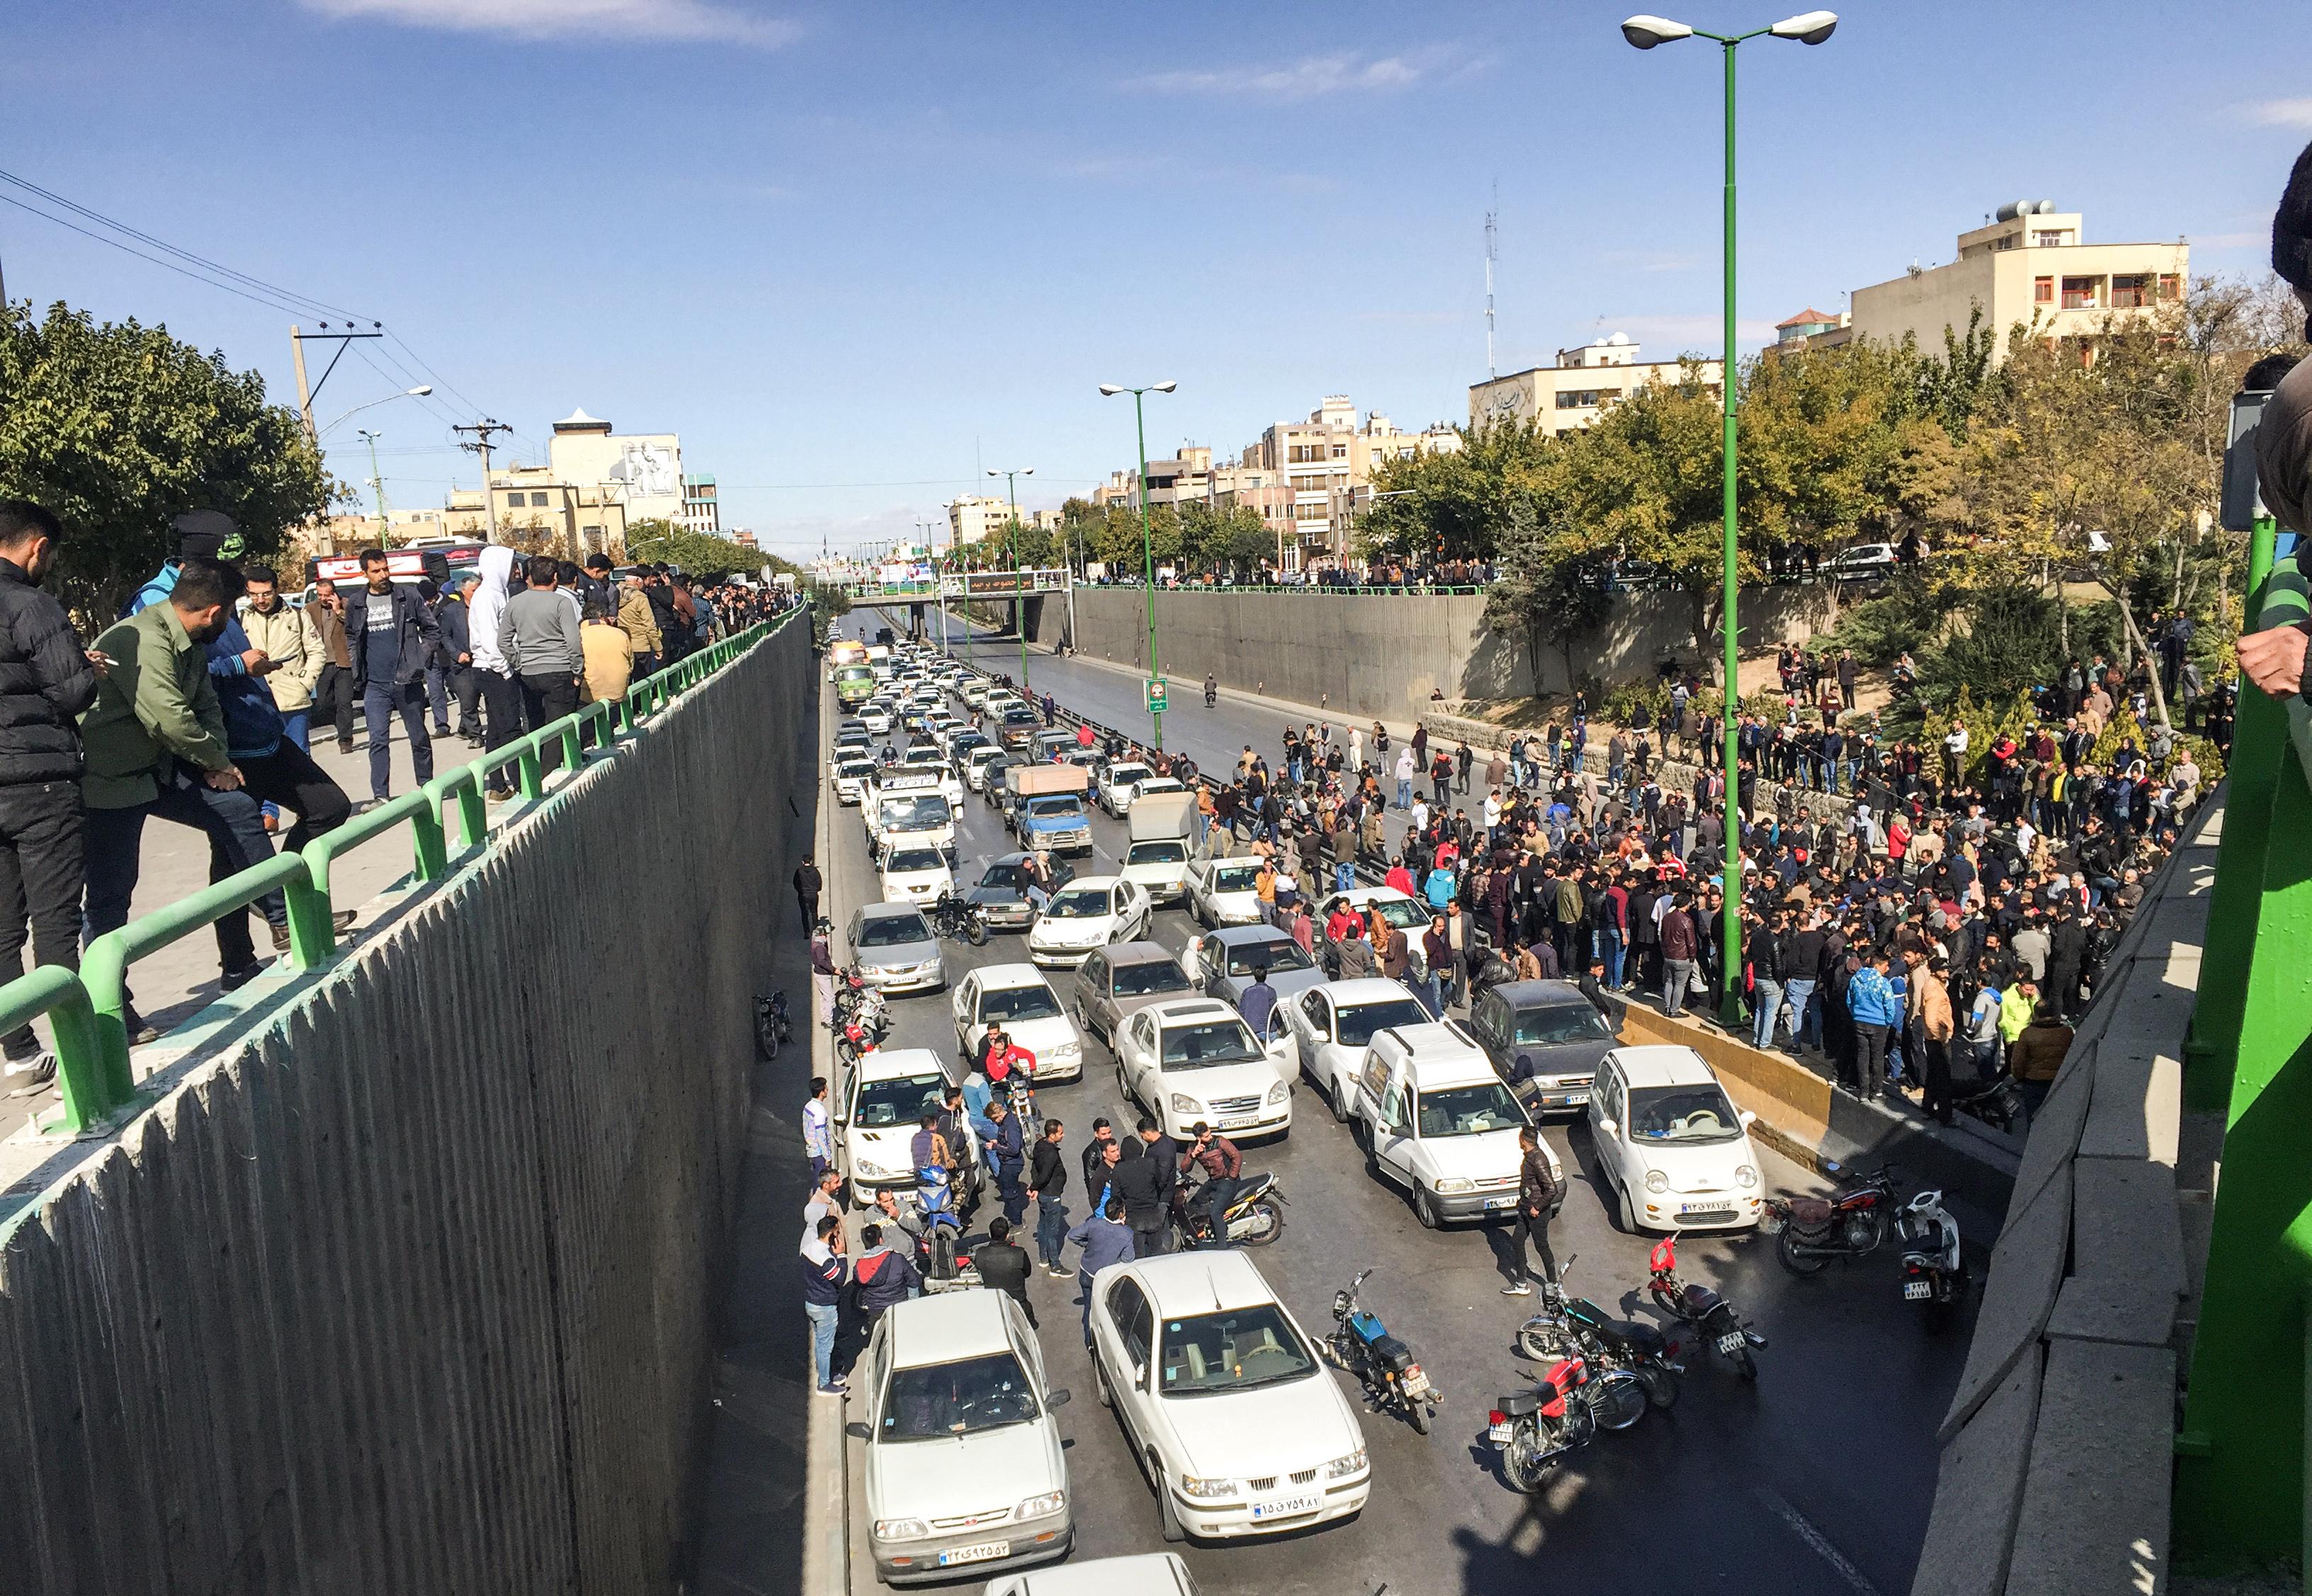 احتجاجات واسعة في مدينة أصفهان وسط إيران